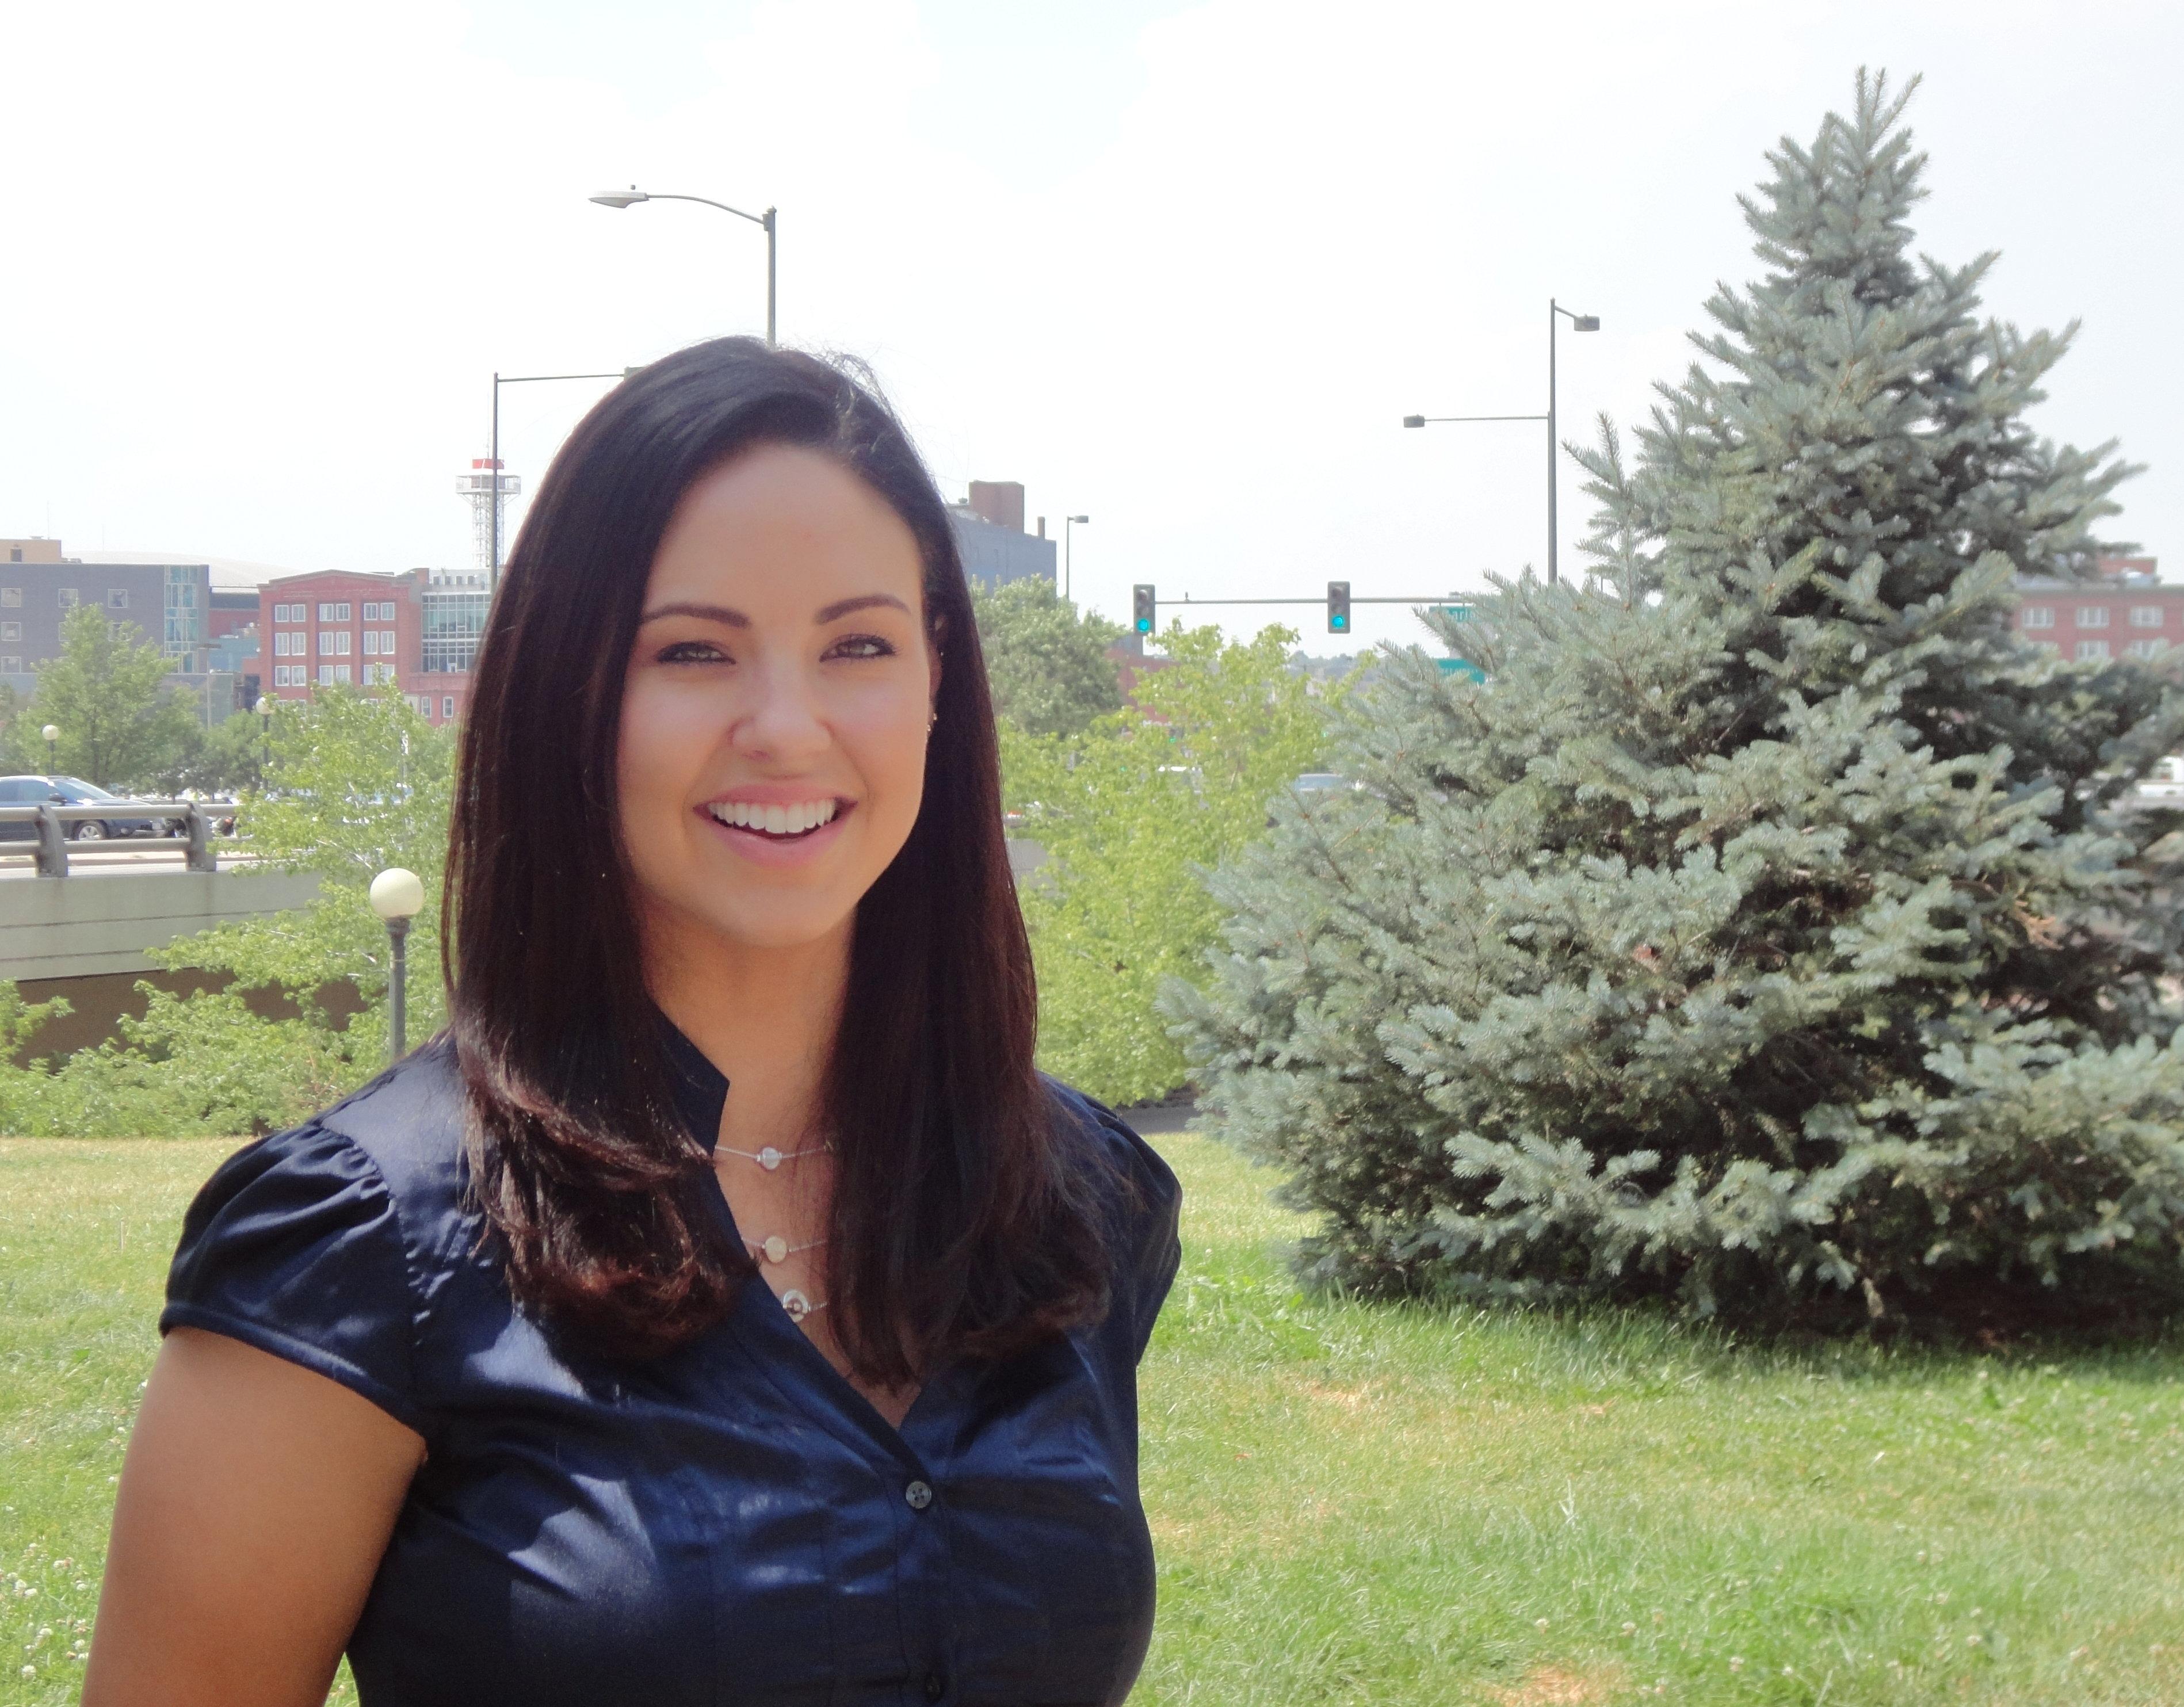 Samantha Miles